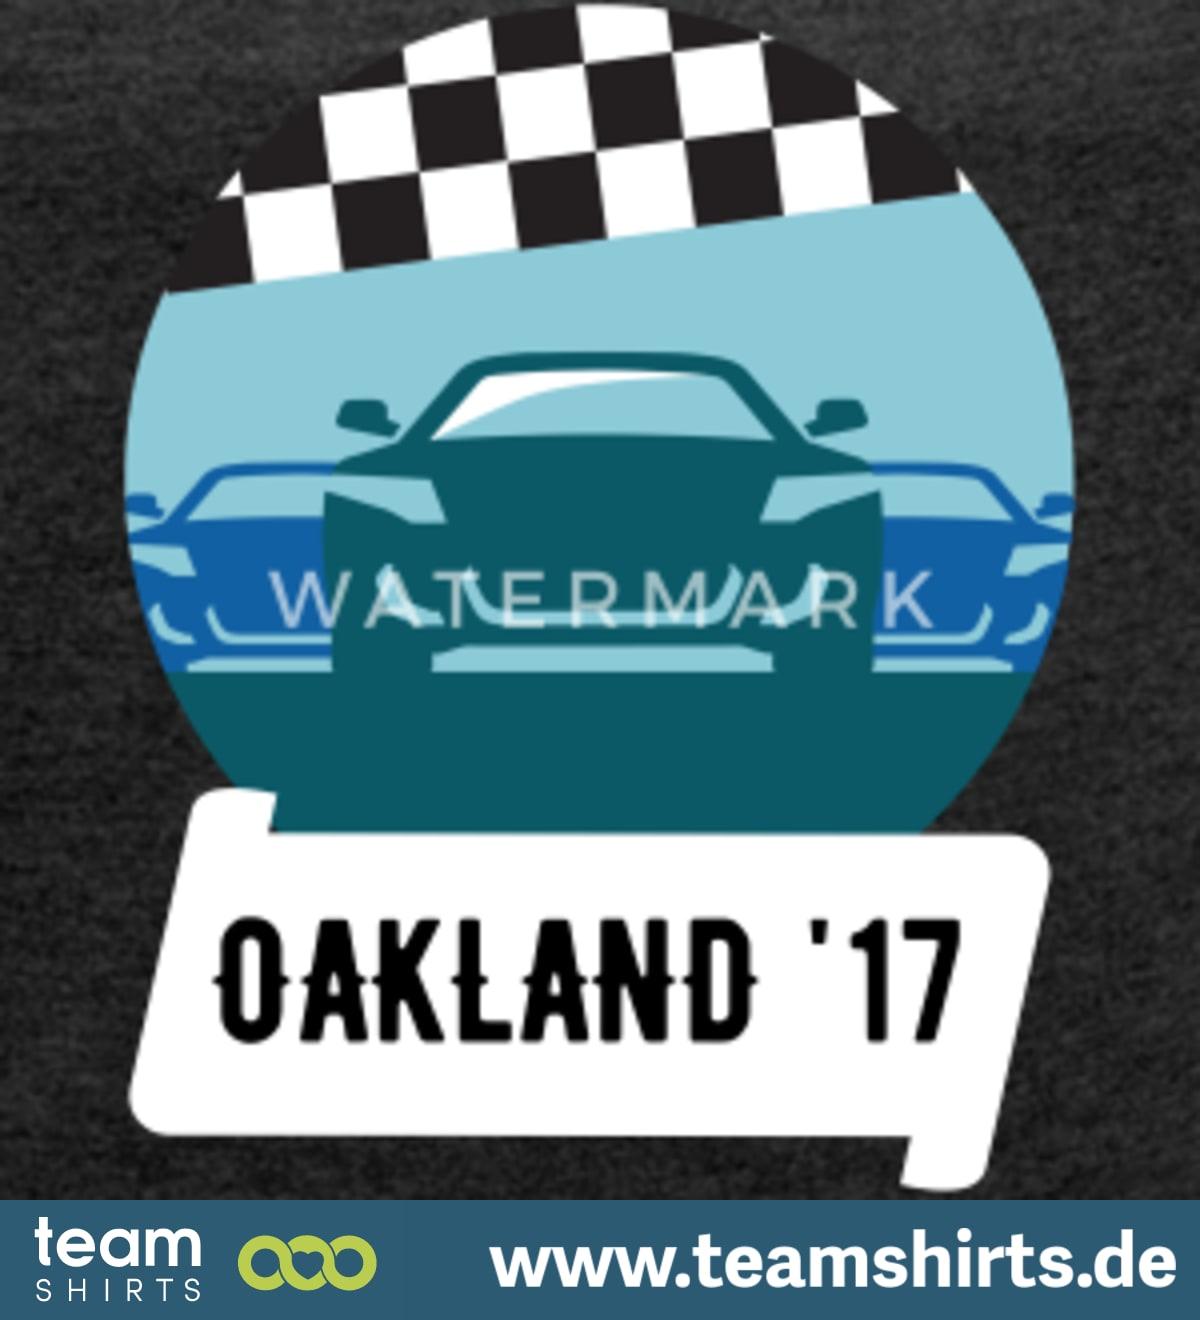 OAKLAND RACE